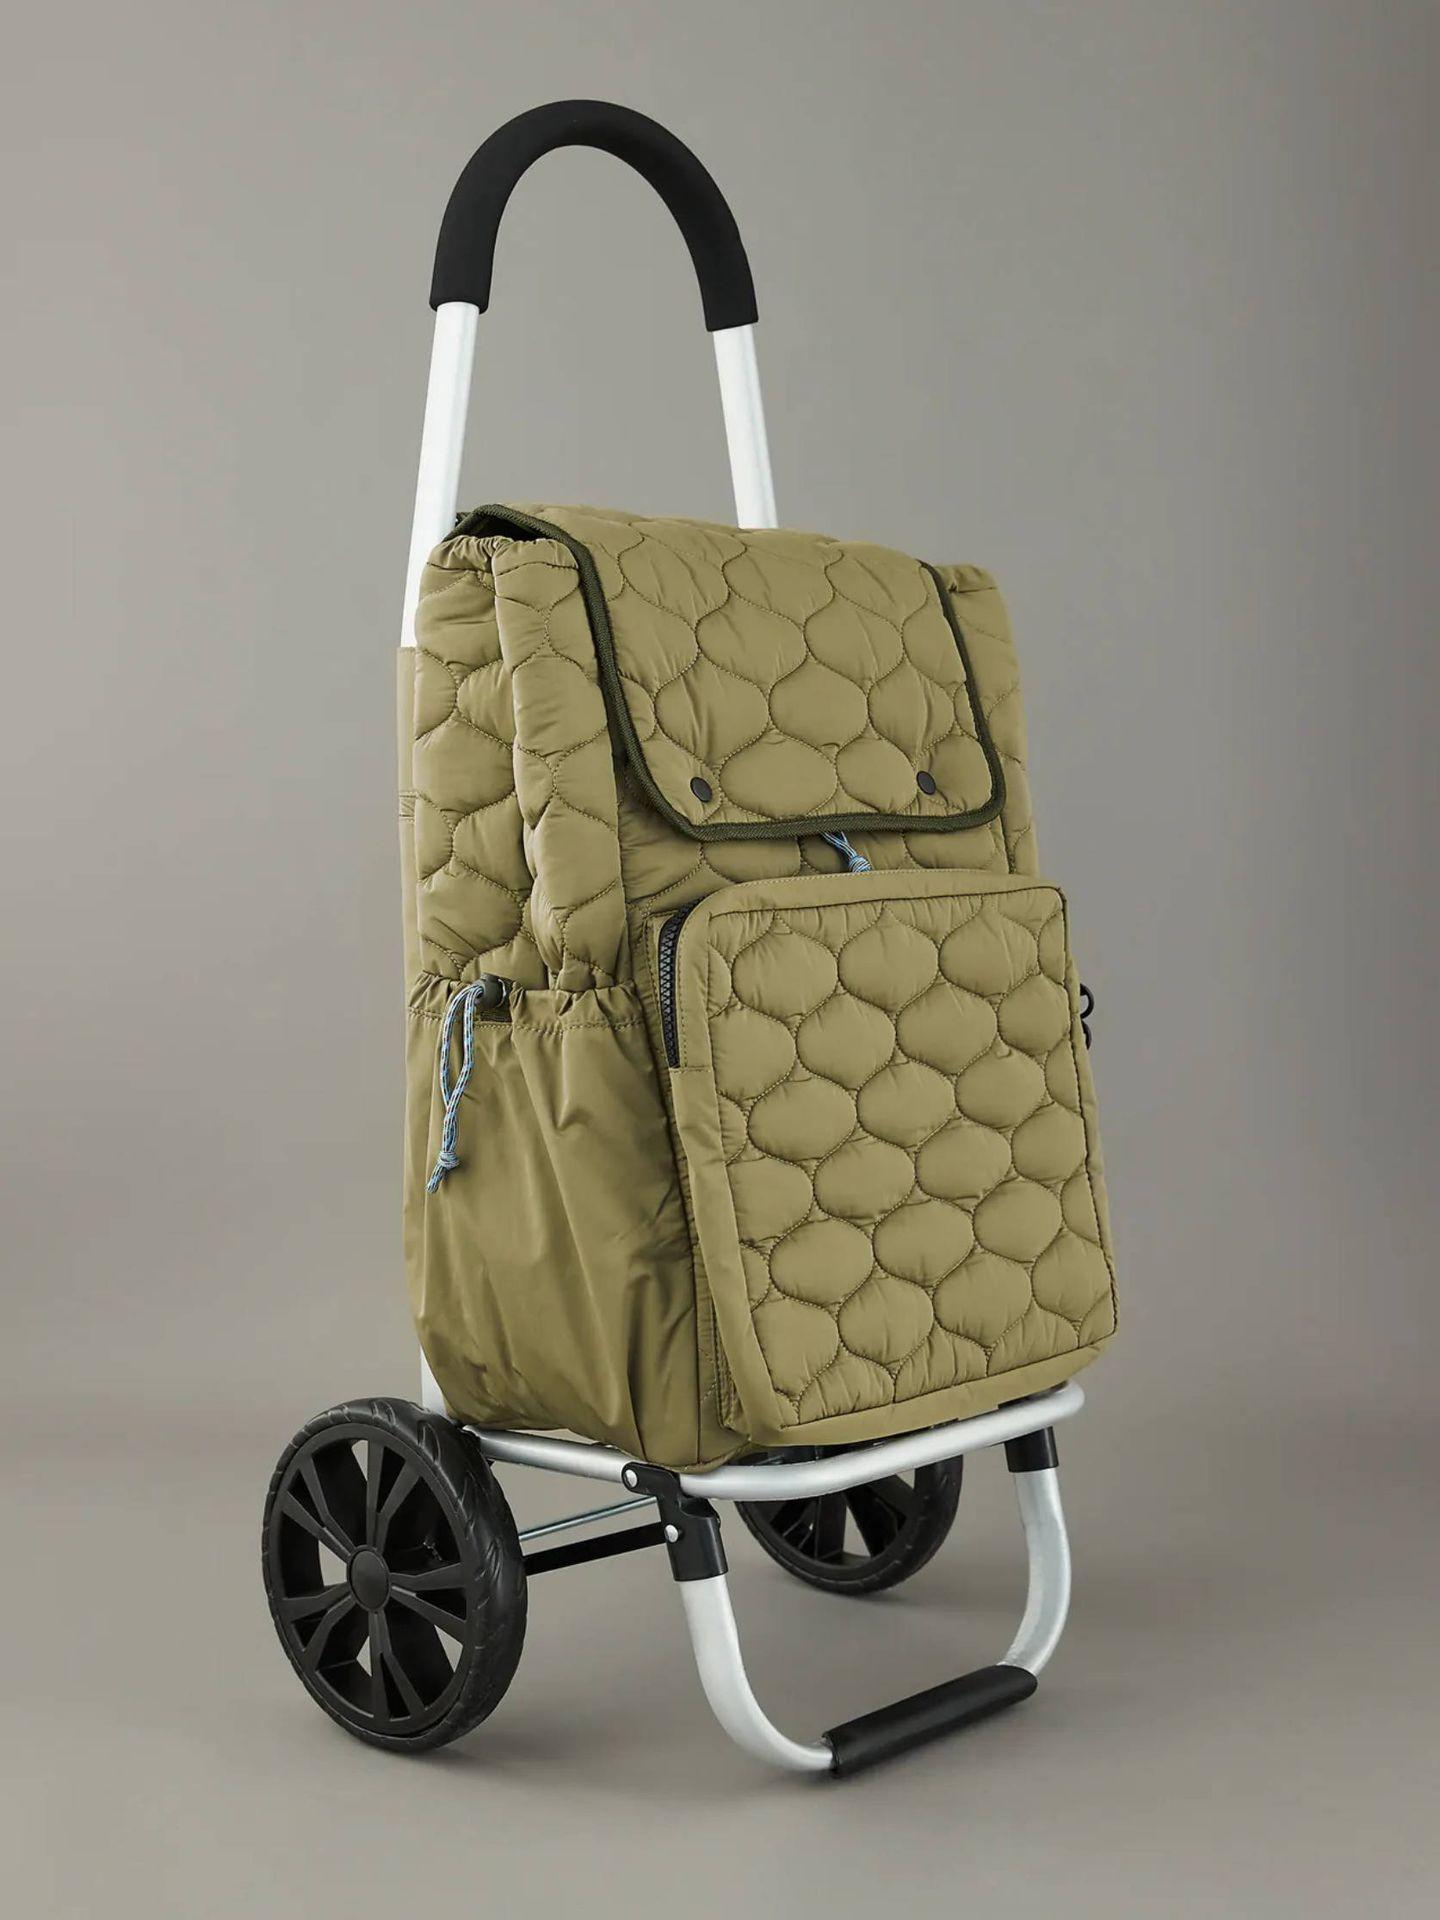 El carrito de la compra de Zara arrasa en ventas. (Cortesía)